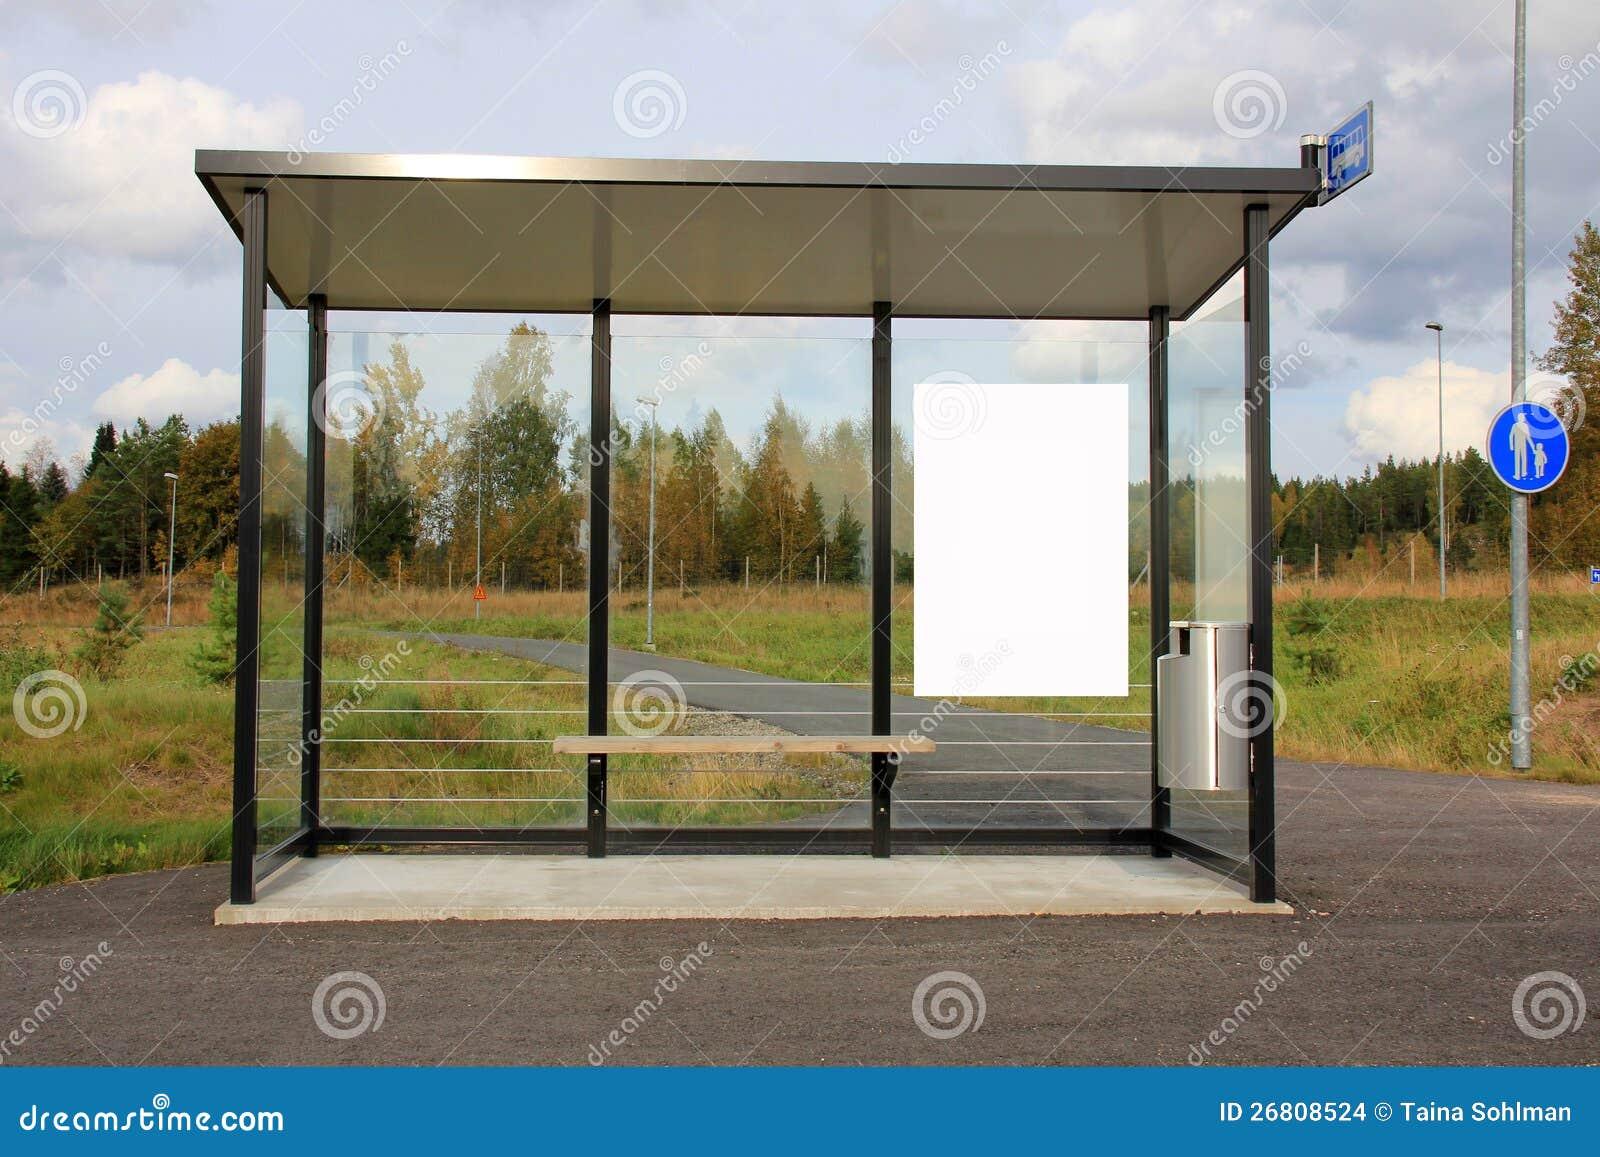 abri d arr t de bus avec le panneau r clame blanc. Black Bedroom Furniture Sets. Home Design Ideas